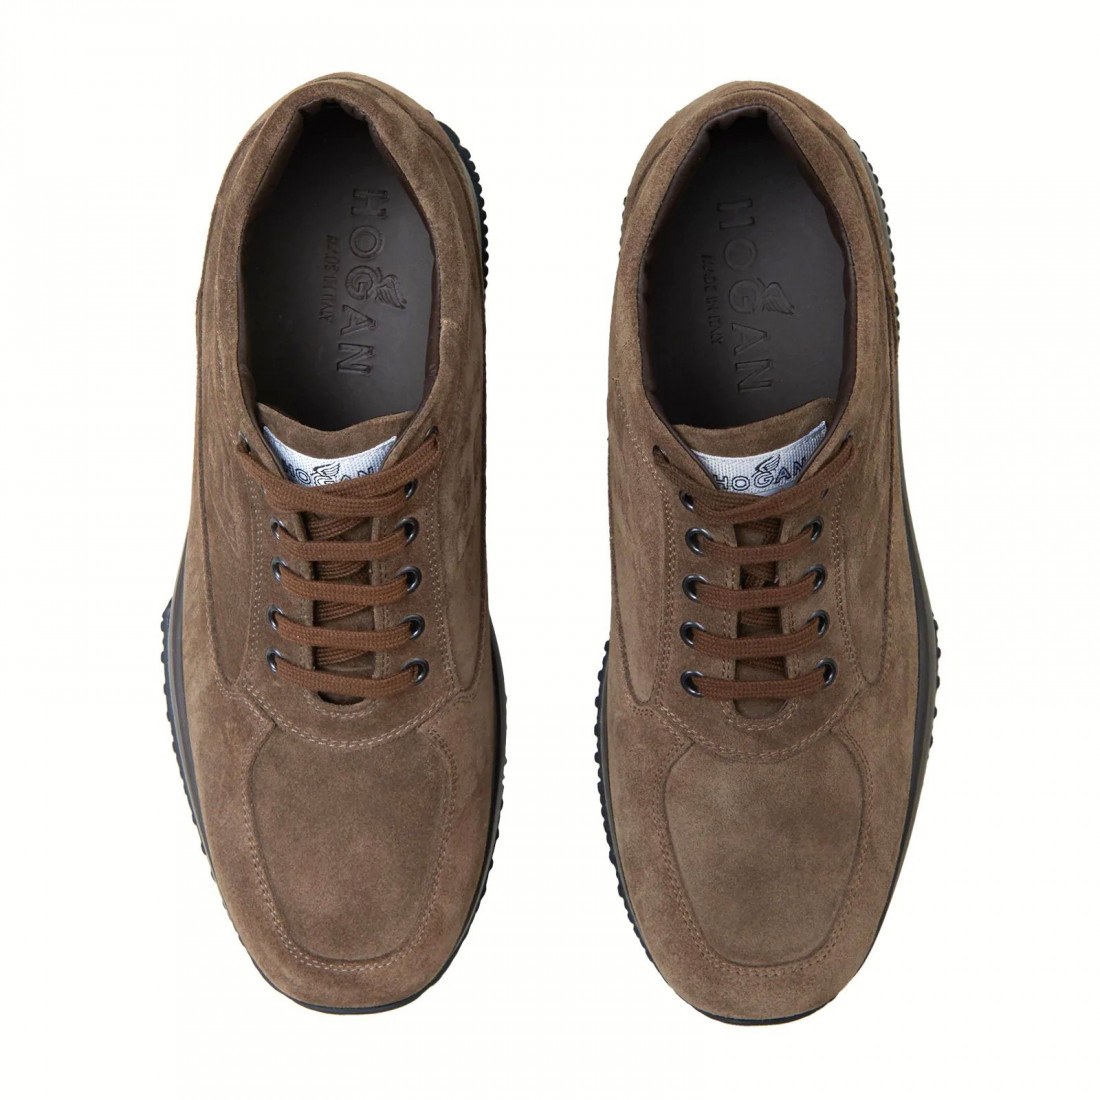 sneakers uomo hogan hxm00n09042hg0s413 7568